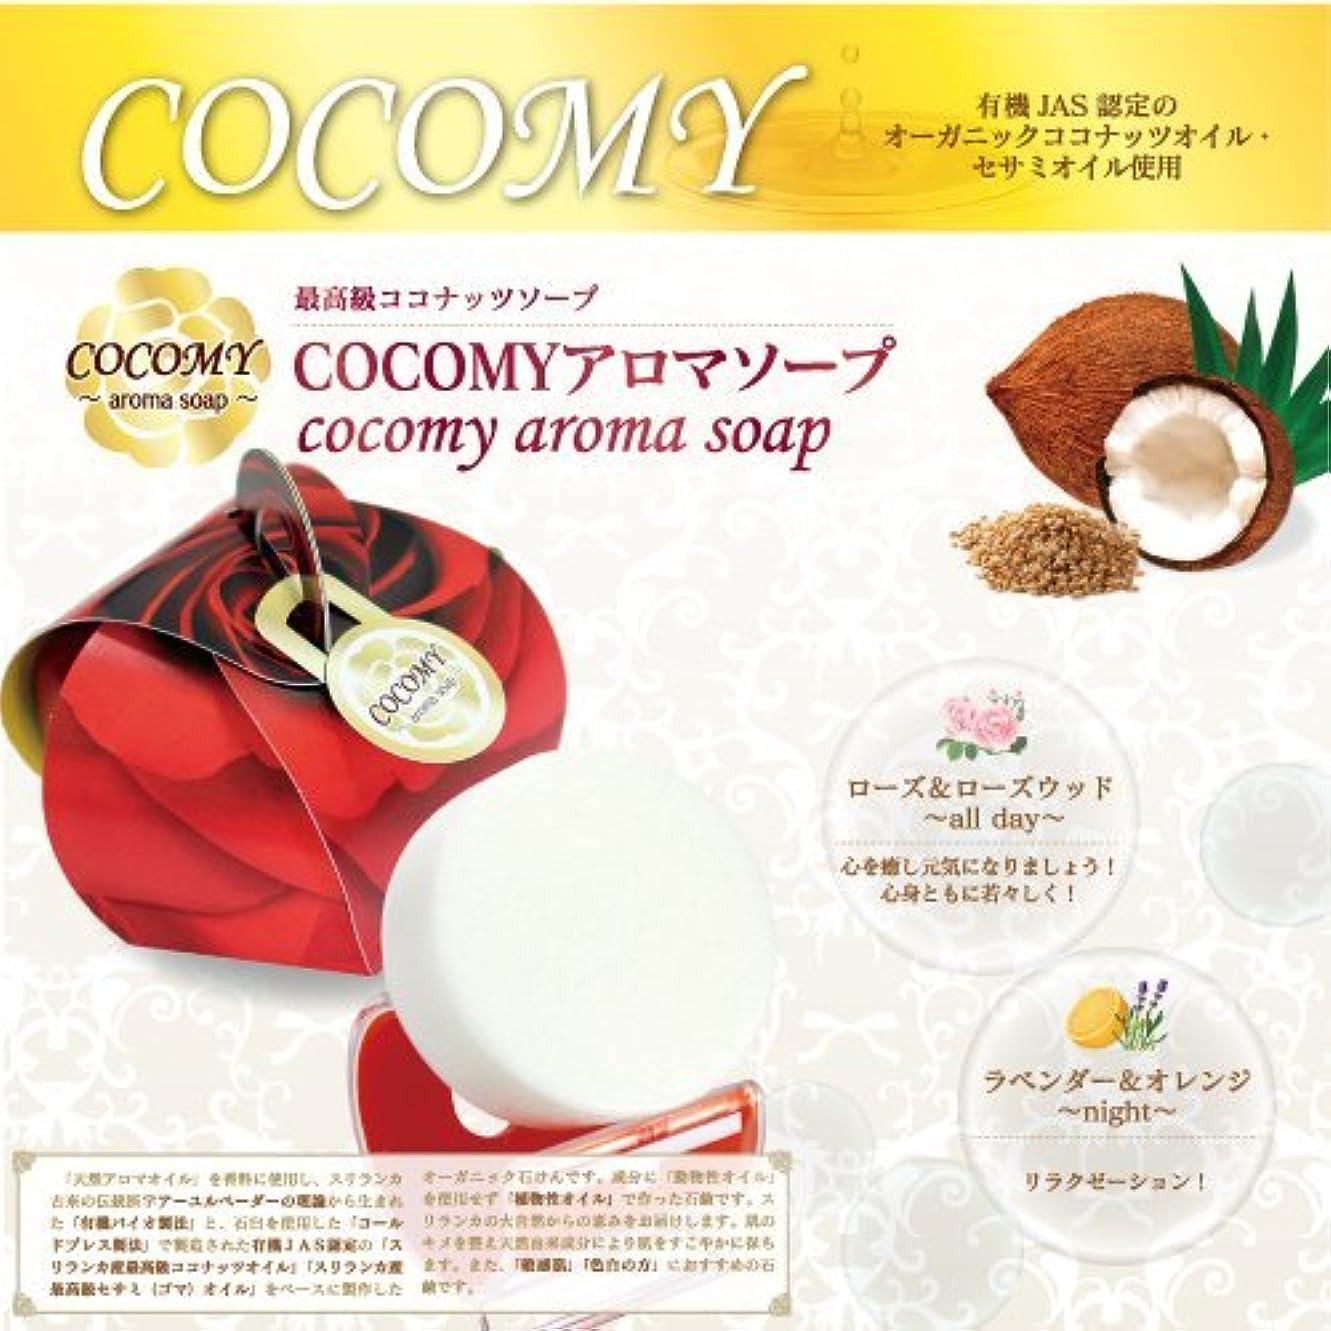 モニカもろい素子COCOMY aromaソープ 4個セット (ラベンダー&オレンジ)(ローズ&ローズウッド) 40g×各2